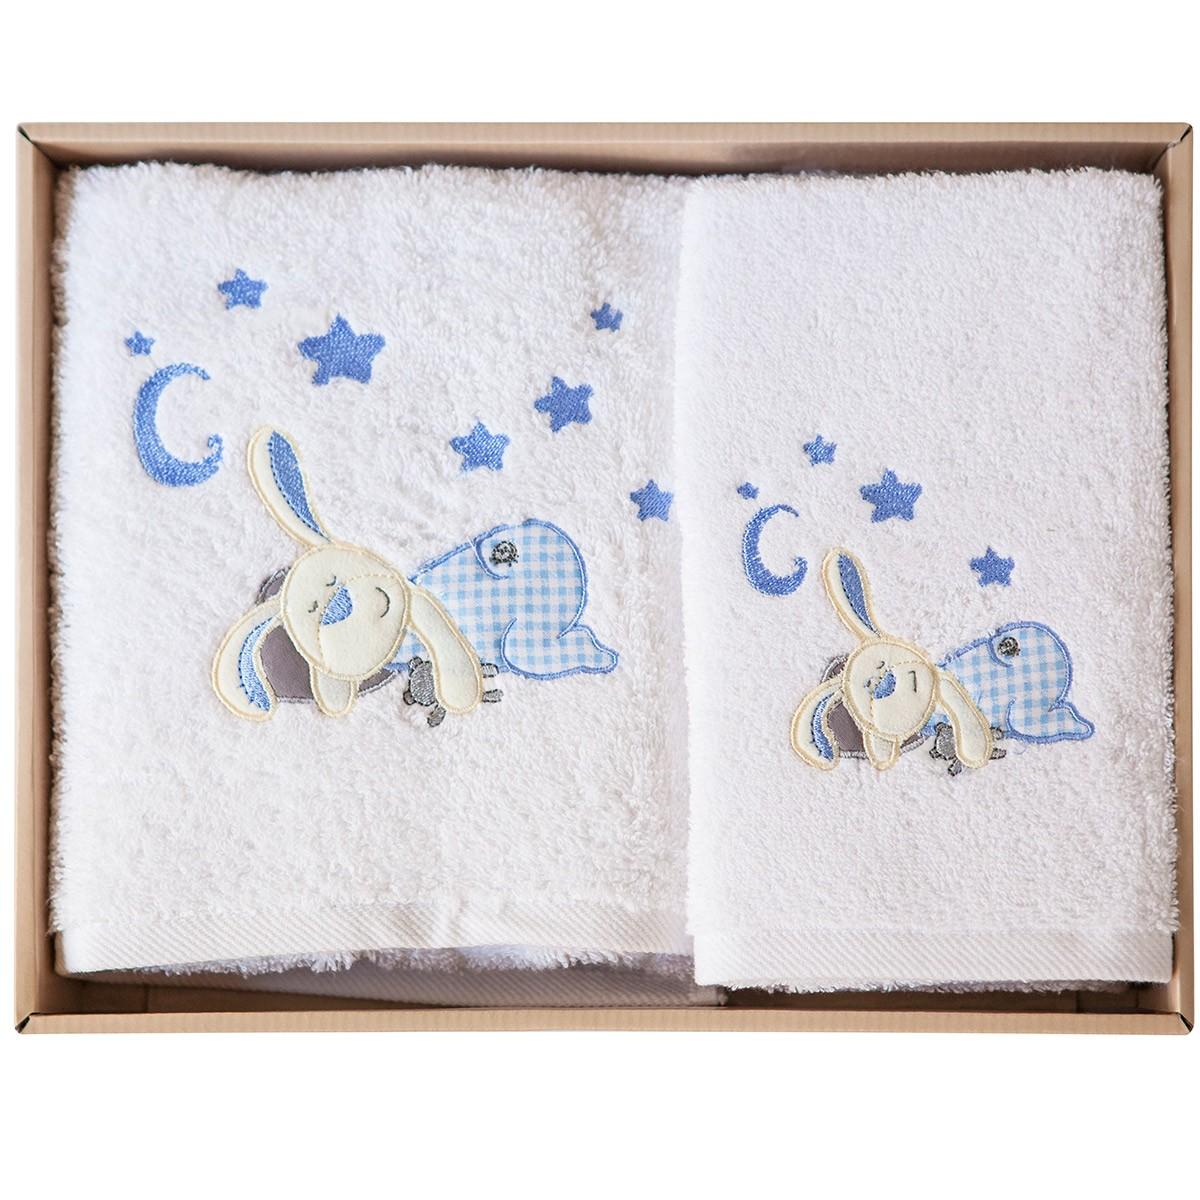 Βρεφικές Πετσέτες (Σετ 2τμχ) Melinen Rabbit White X Blue 74410